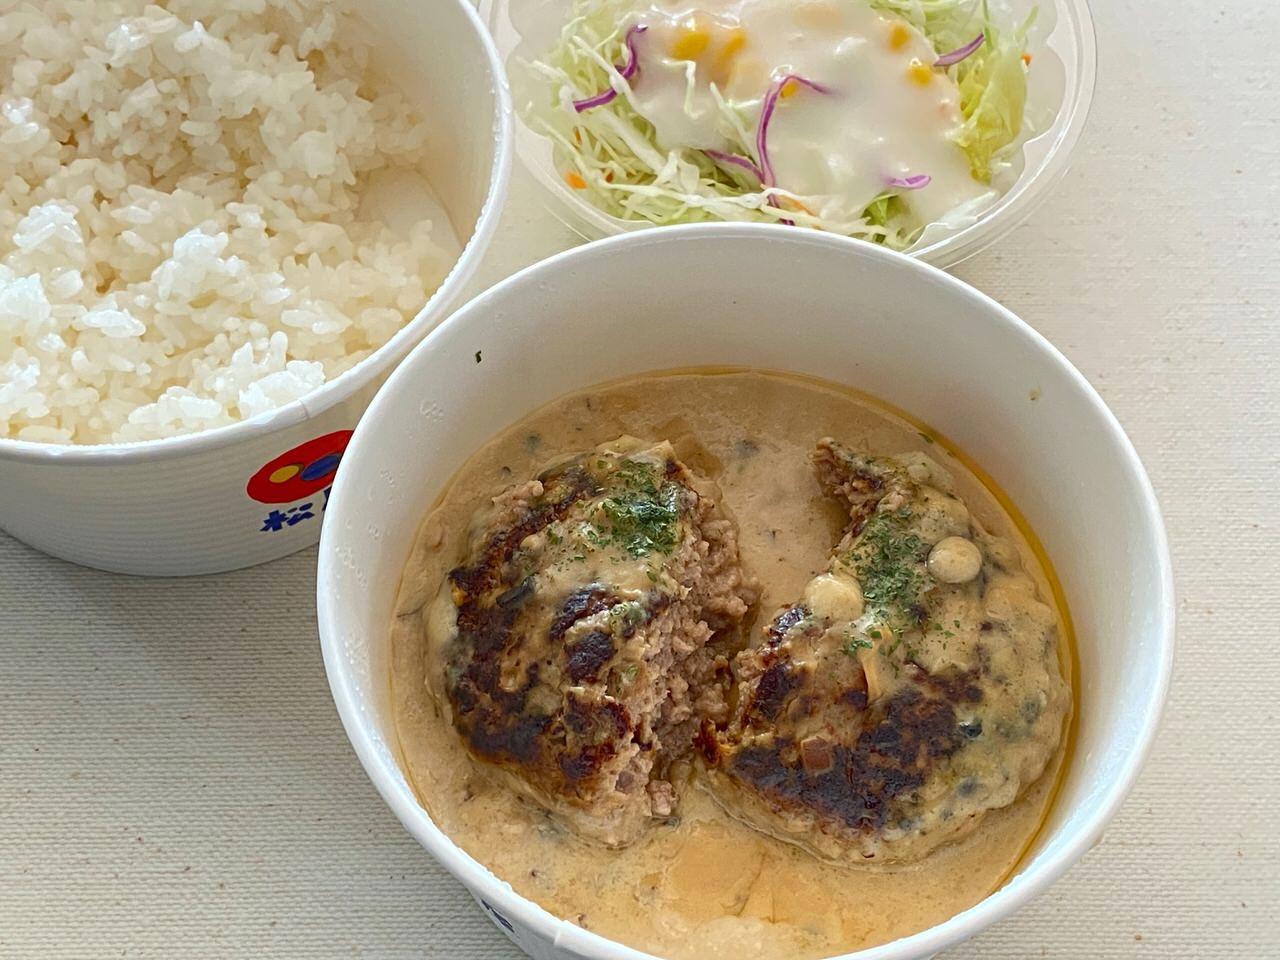 【松屋】「黒トリュフソースのビーフハンバーグ定食」7